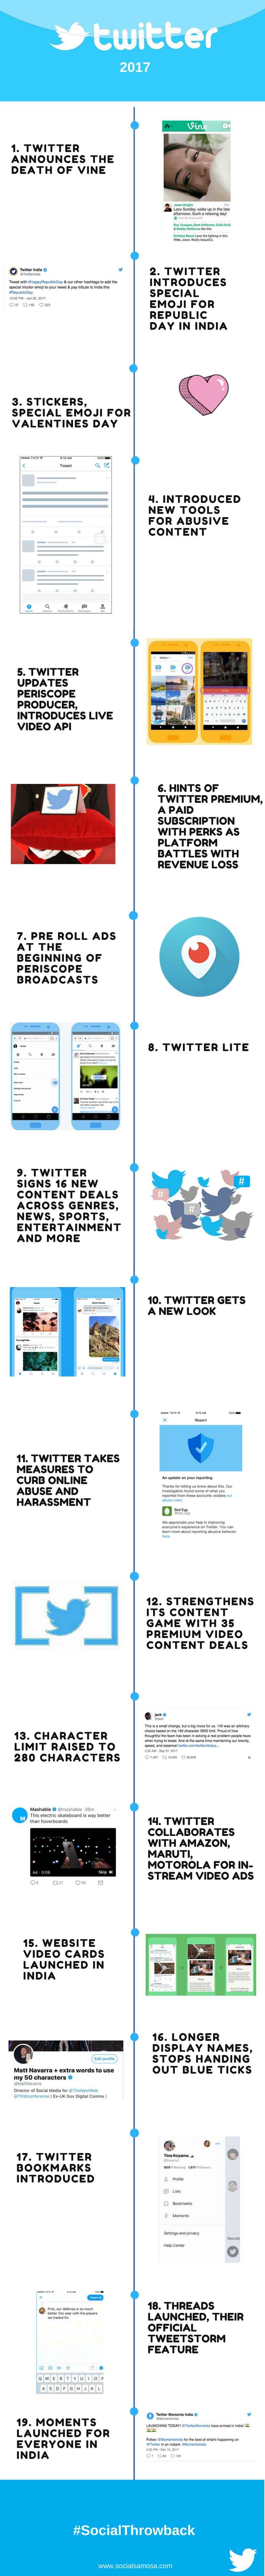 Twitter in 2017